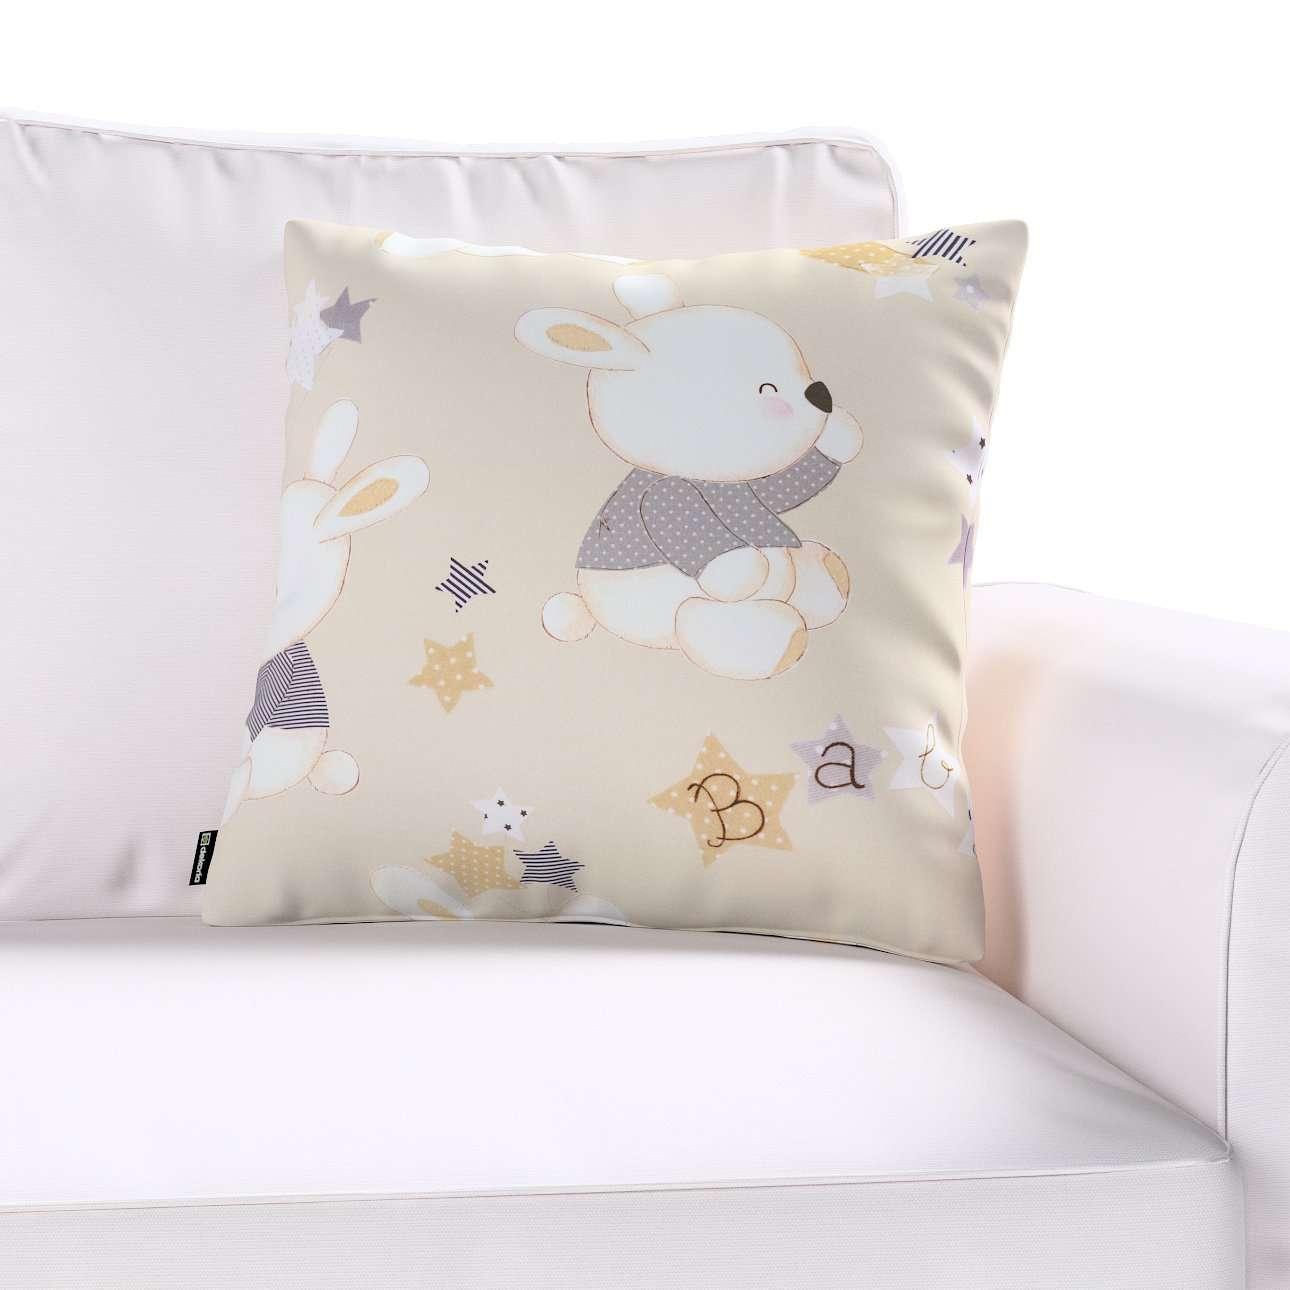 Poszewka Kinga na poduszkę w kolekcji Adventure, tkanina: 141-85